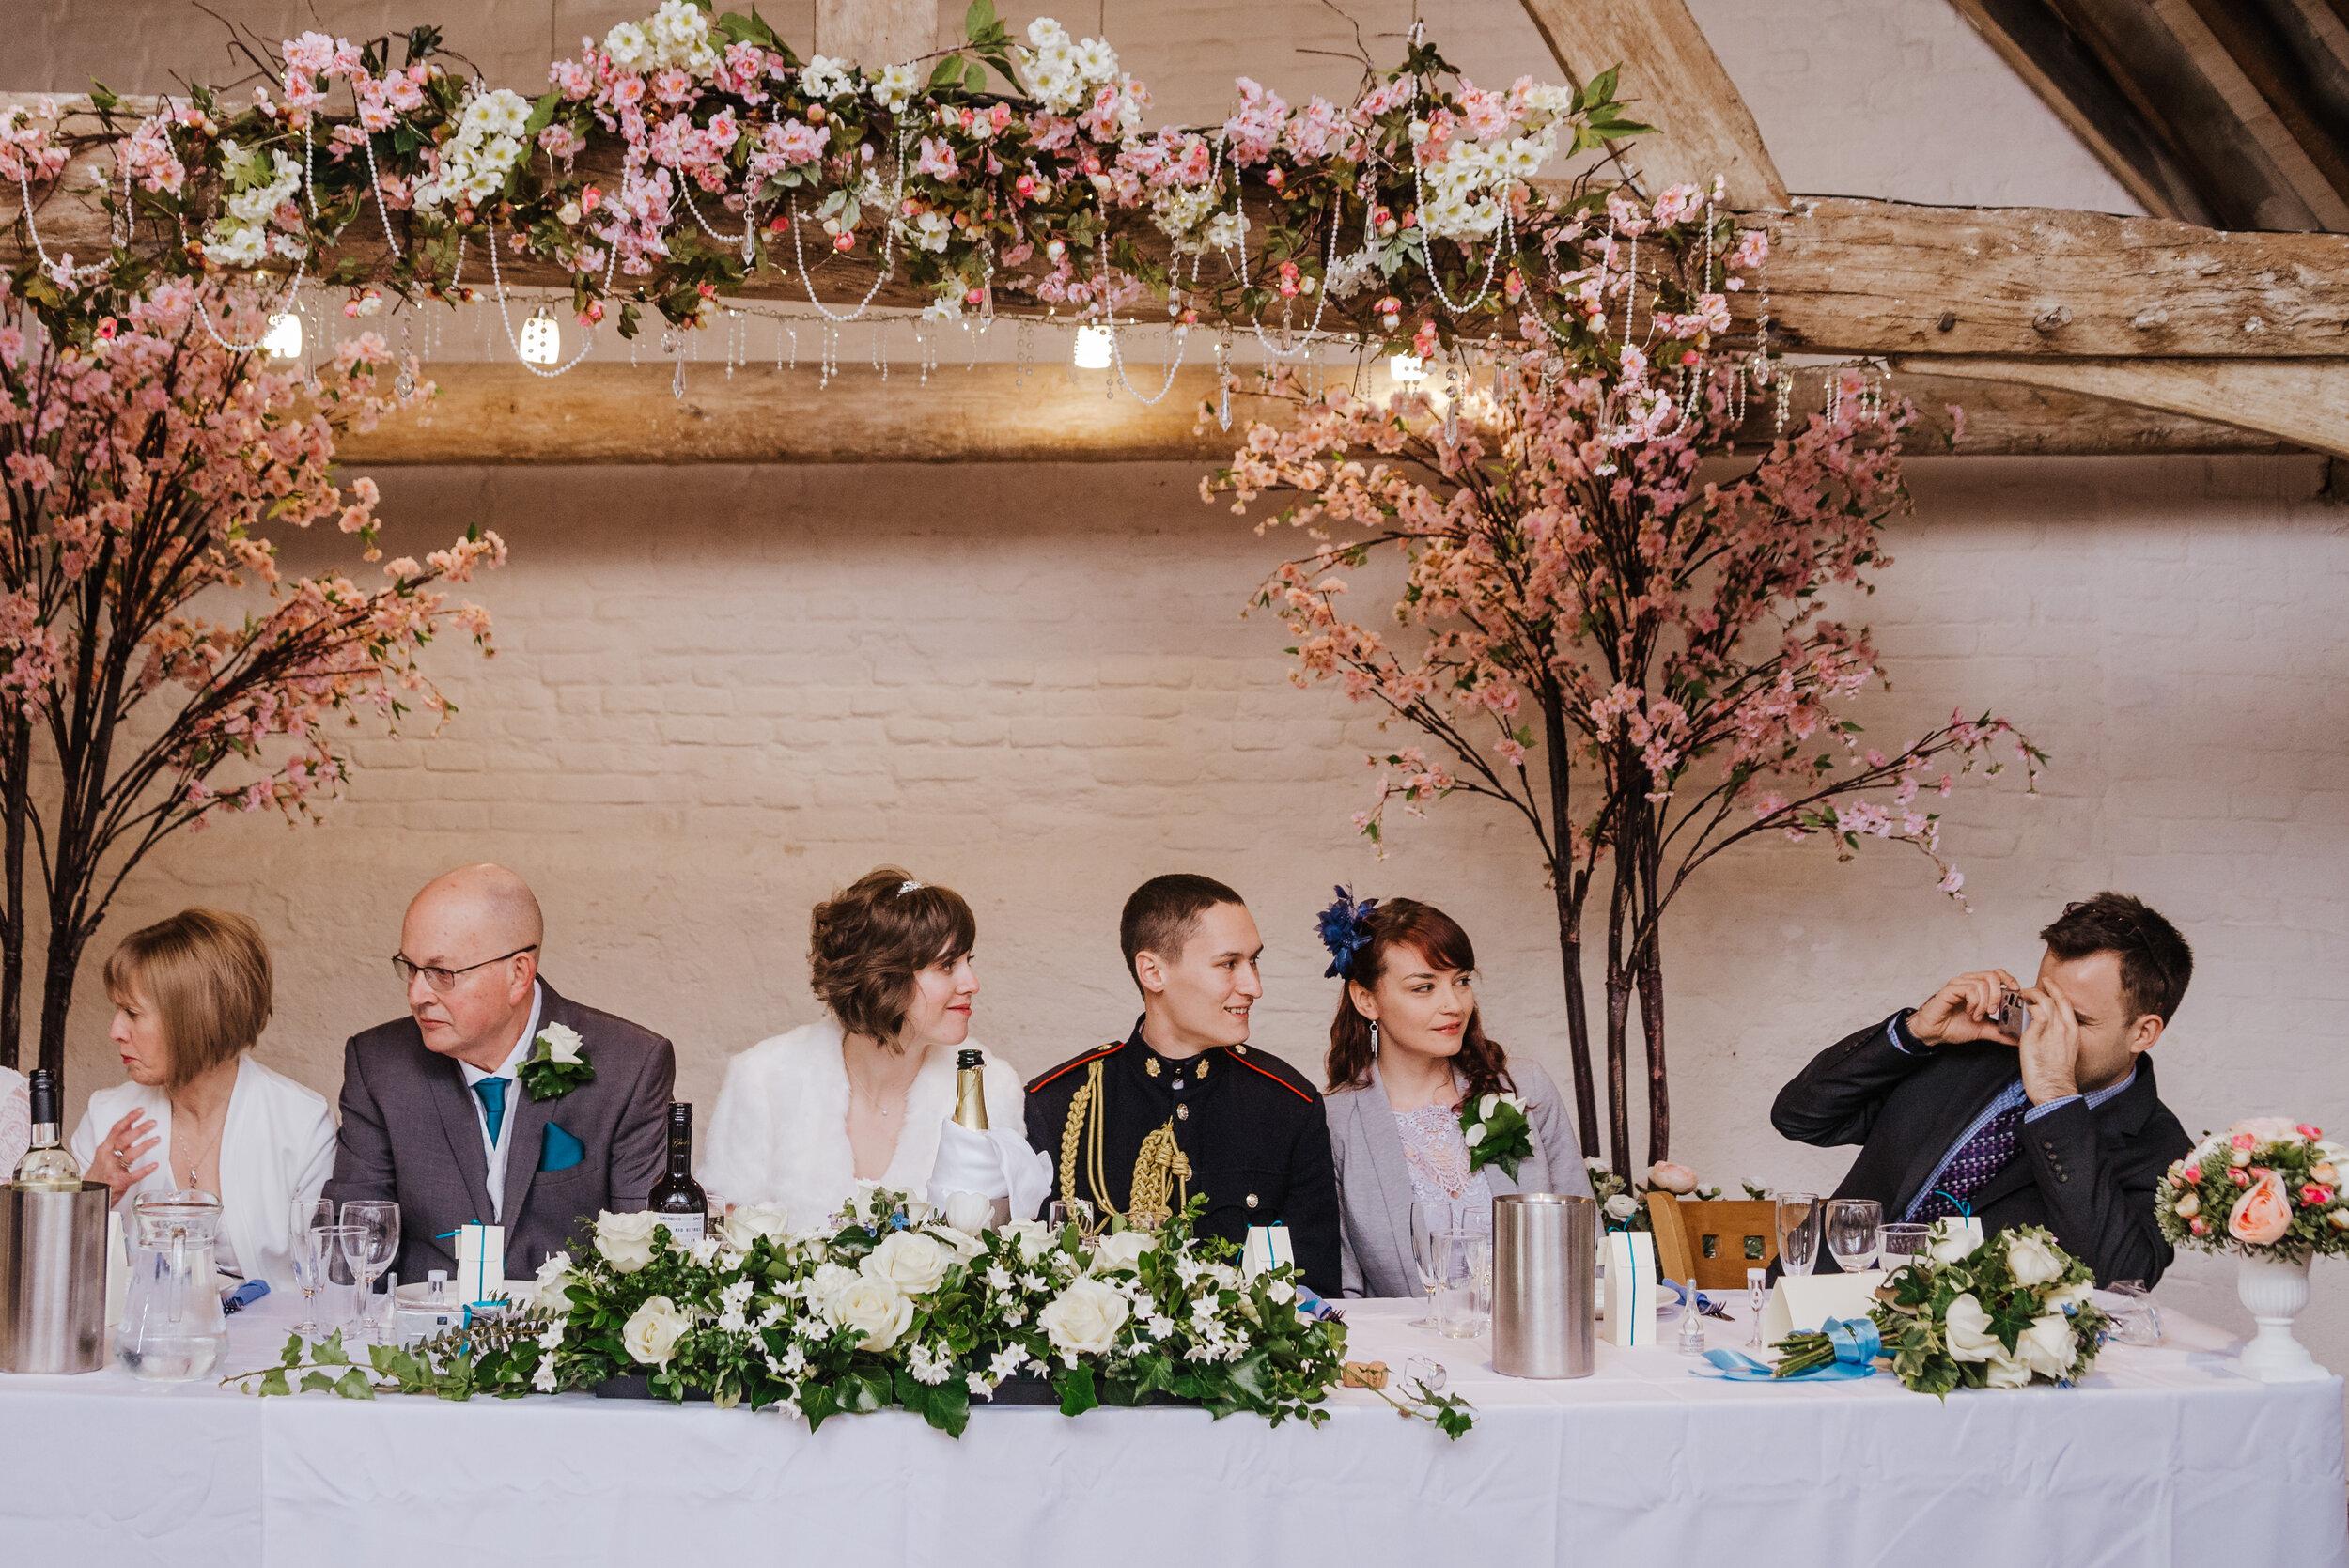 SUFFOLK_WEDDING_PHOTOGRAPHY_ISAACS_WEDDING_VENUE_WEDDINGPHOTOGRAPHERNEARME_iPSWICHWEDDINGPHOTOGRAPHER (63).jpg